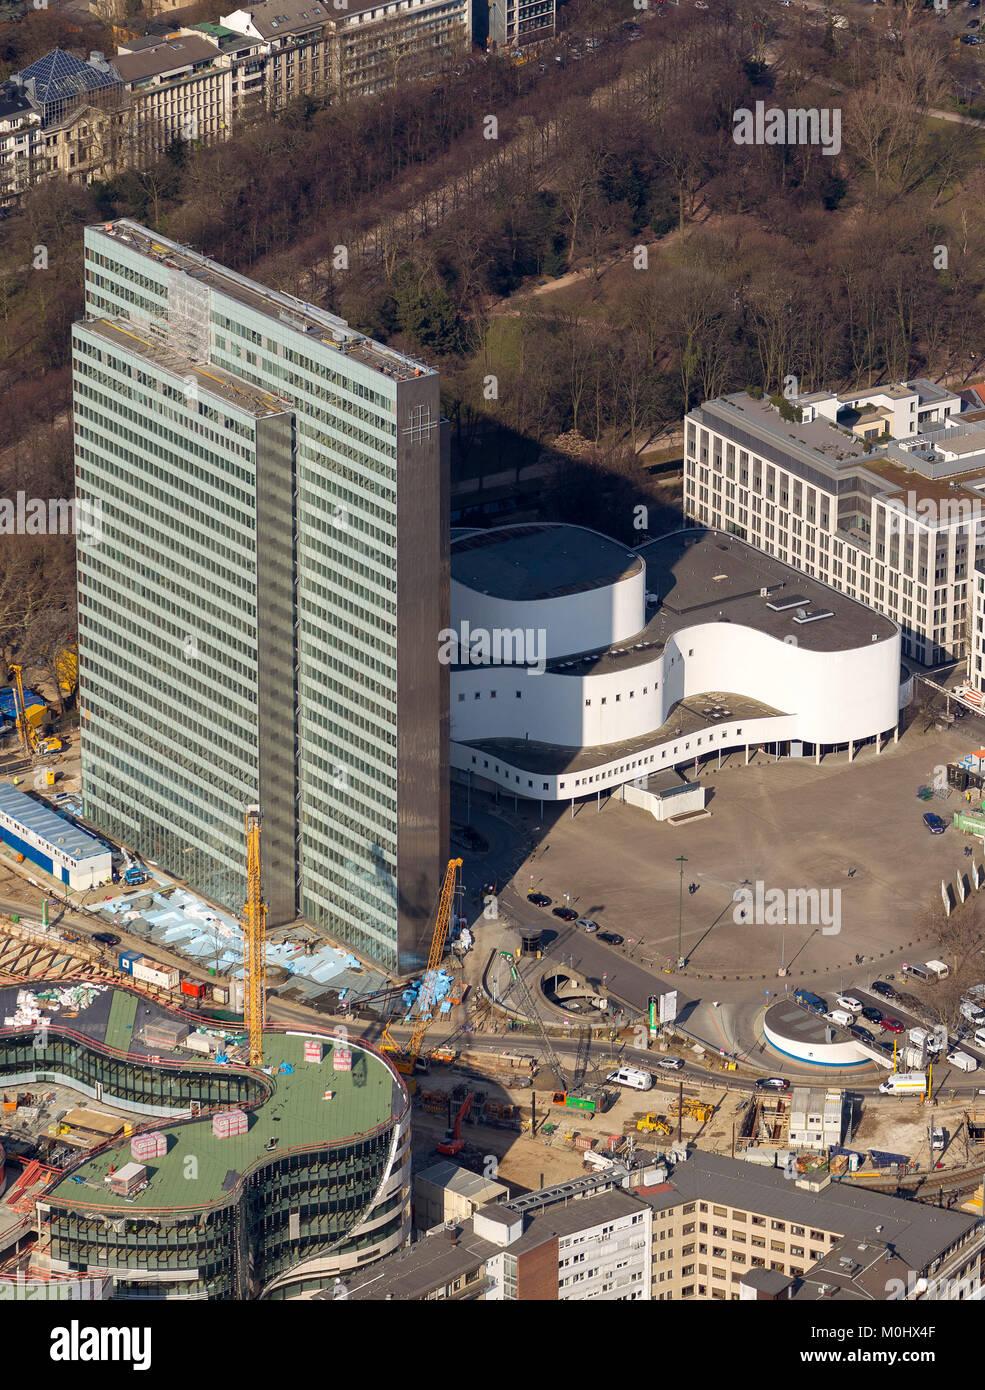 Luftbild, Dreischeibenhaus,  Düsseldorf, Rheinland, Nordrhein-Westfalen, Deutschland, Europa, Düsseldorf, - Stock Image